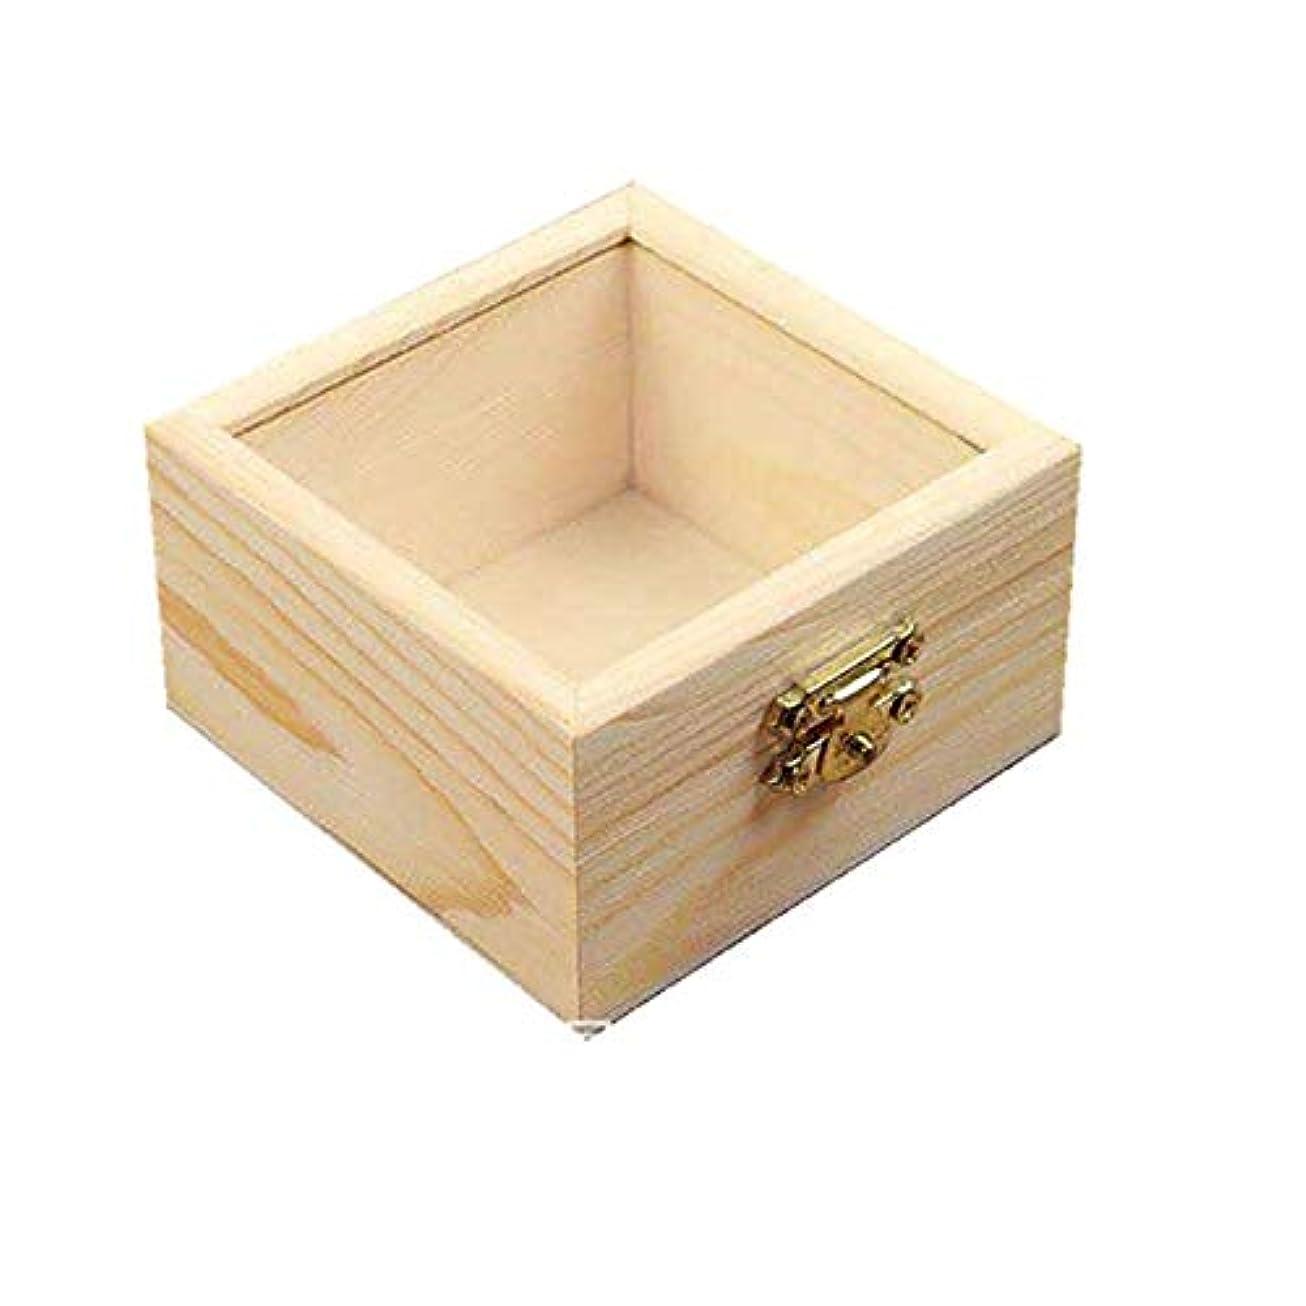 信号花婿雇ったエッセンシャルオイルの保管 プレゼンテーション用木製エッセンシャルオイルボックスパーフェクトエッセンシャルオイルケース (色 : Natural, サイズ : 8.5X8.5X5CM)